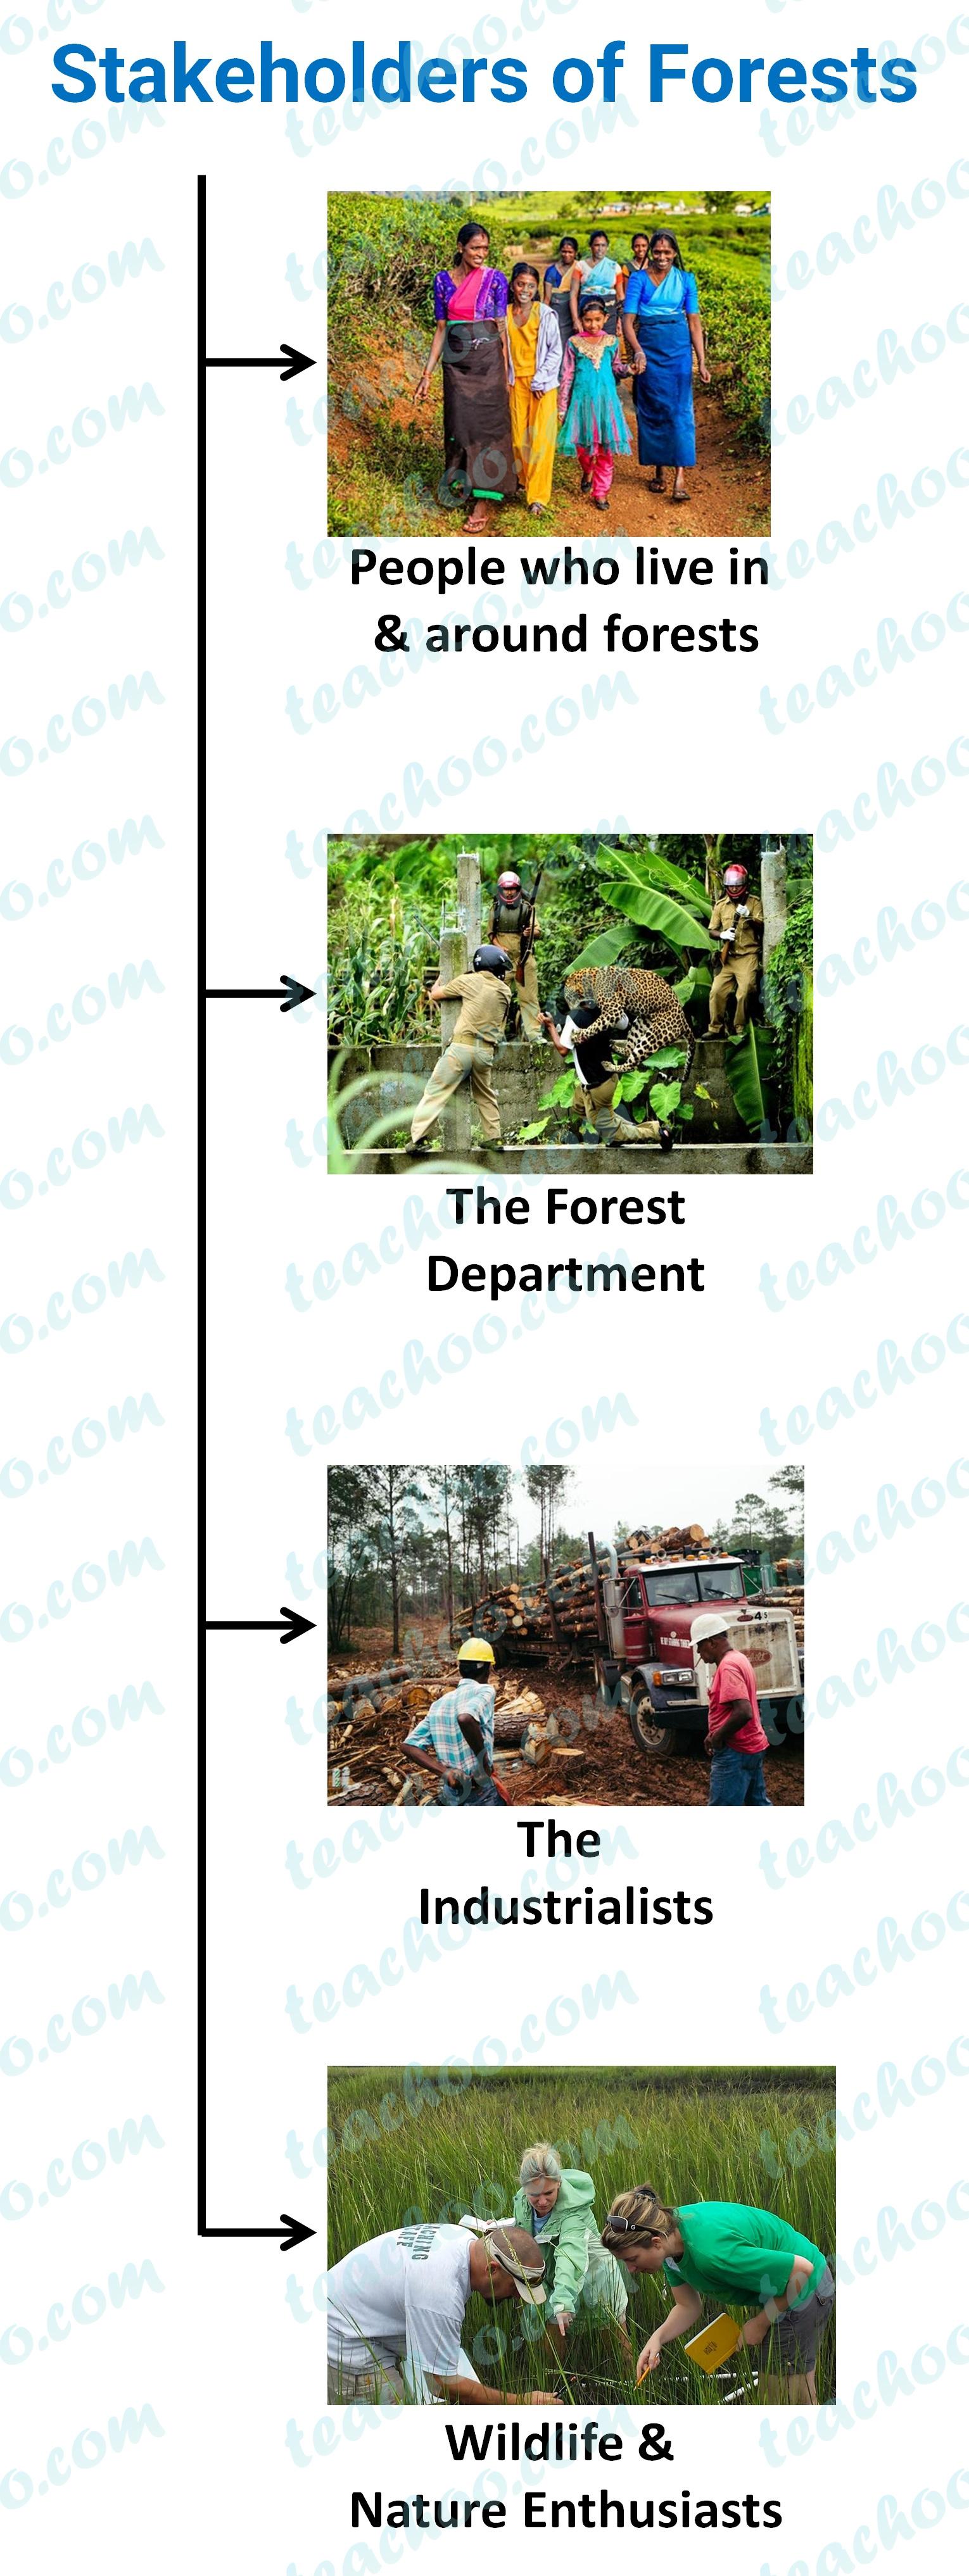 stakeholders-of-forests---teachoo.jpg